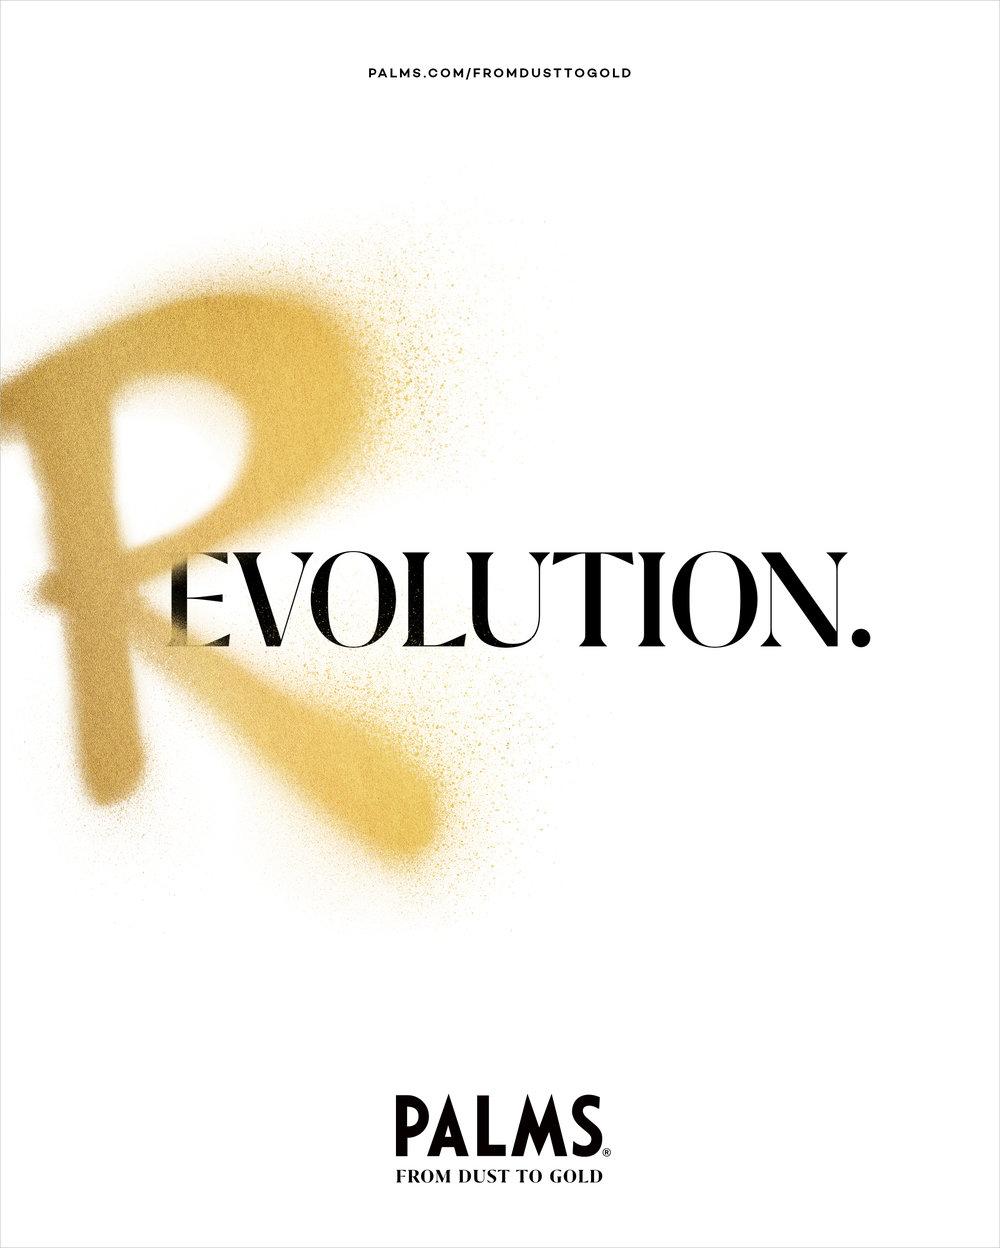 Palms-Print-Revolution copy.jpg